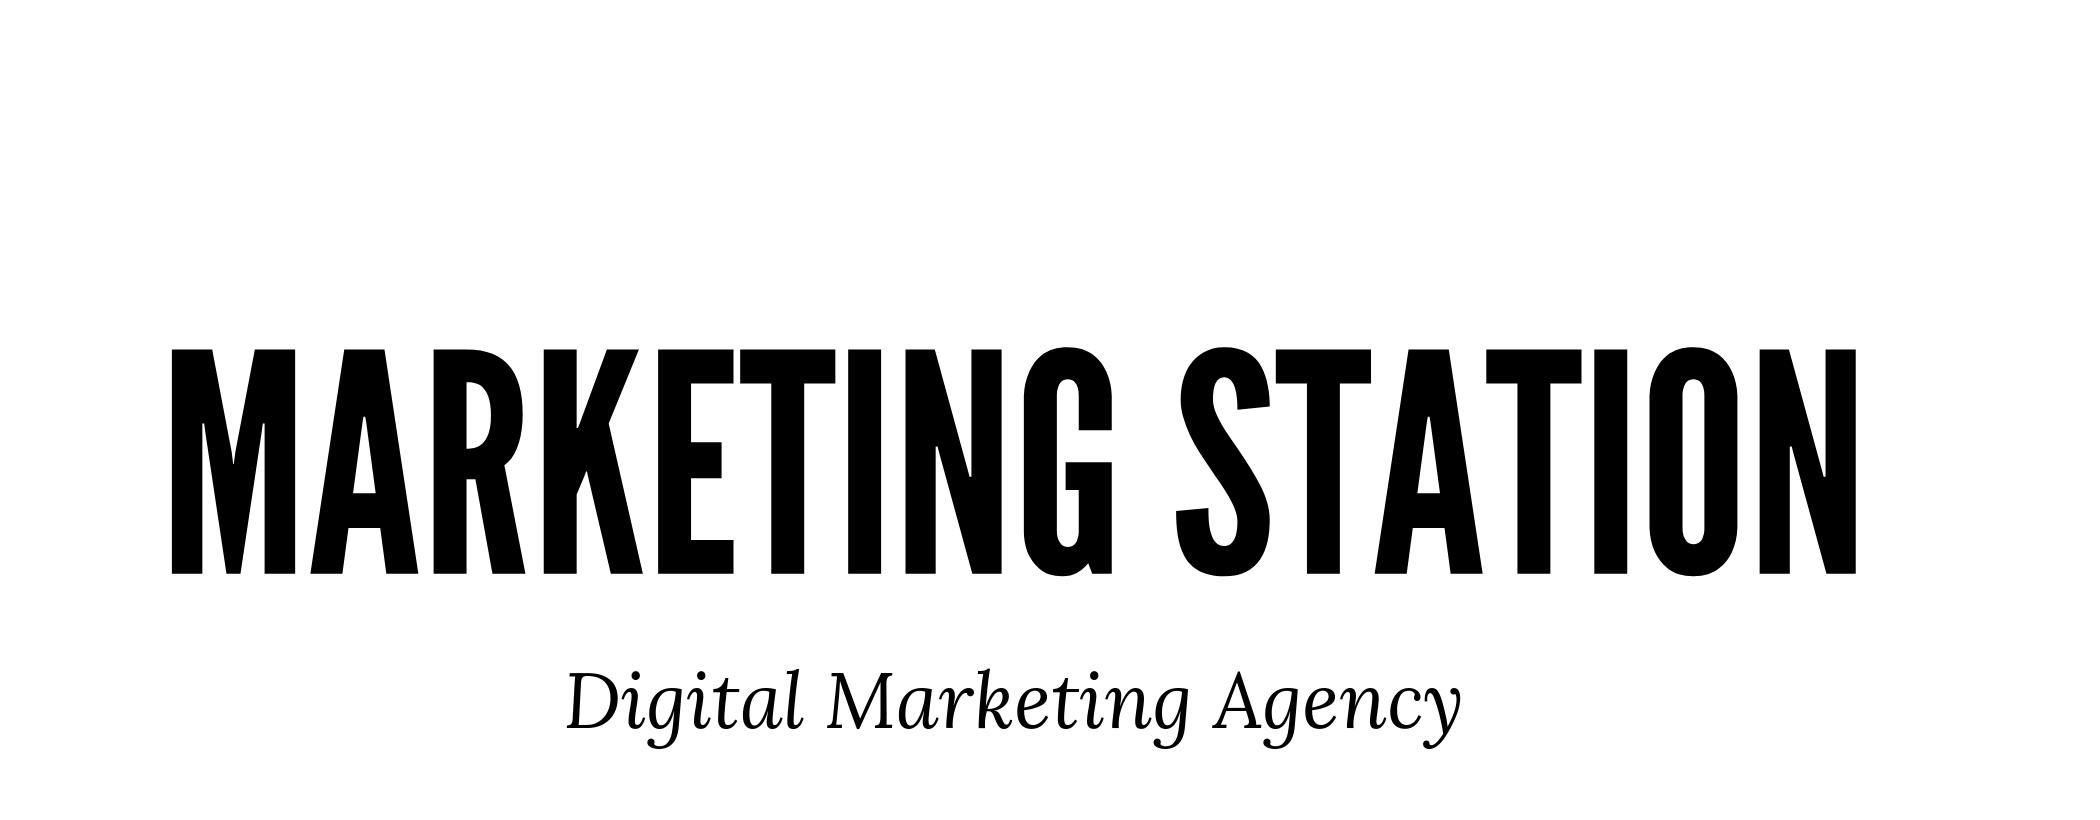 Marketing Agency Central Coast